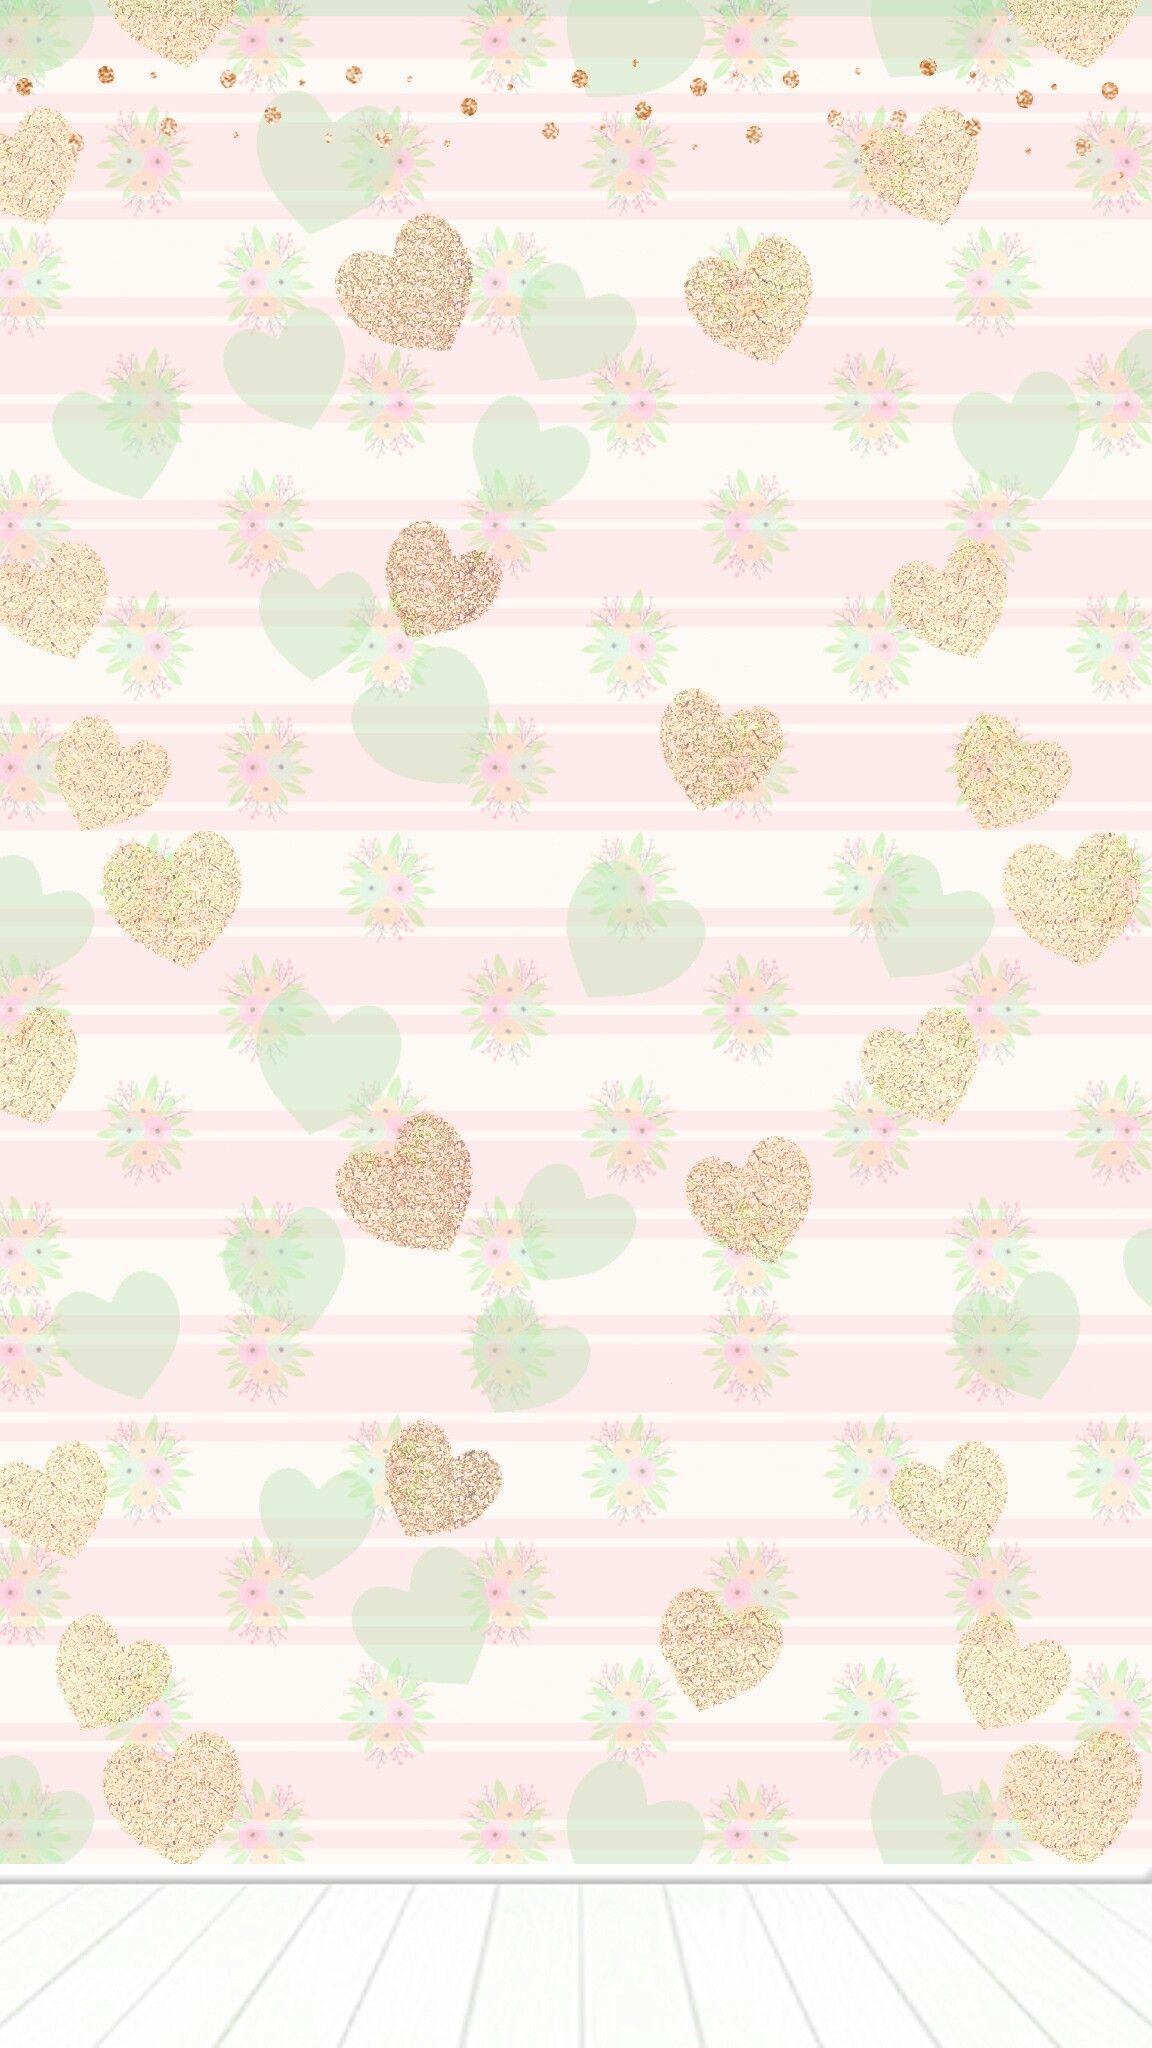 evies pretty walls tjn | iphone walls 4 | pinterest | wallpaper